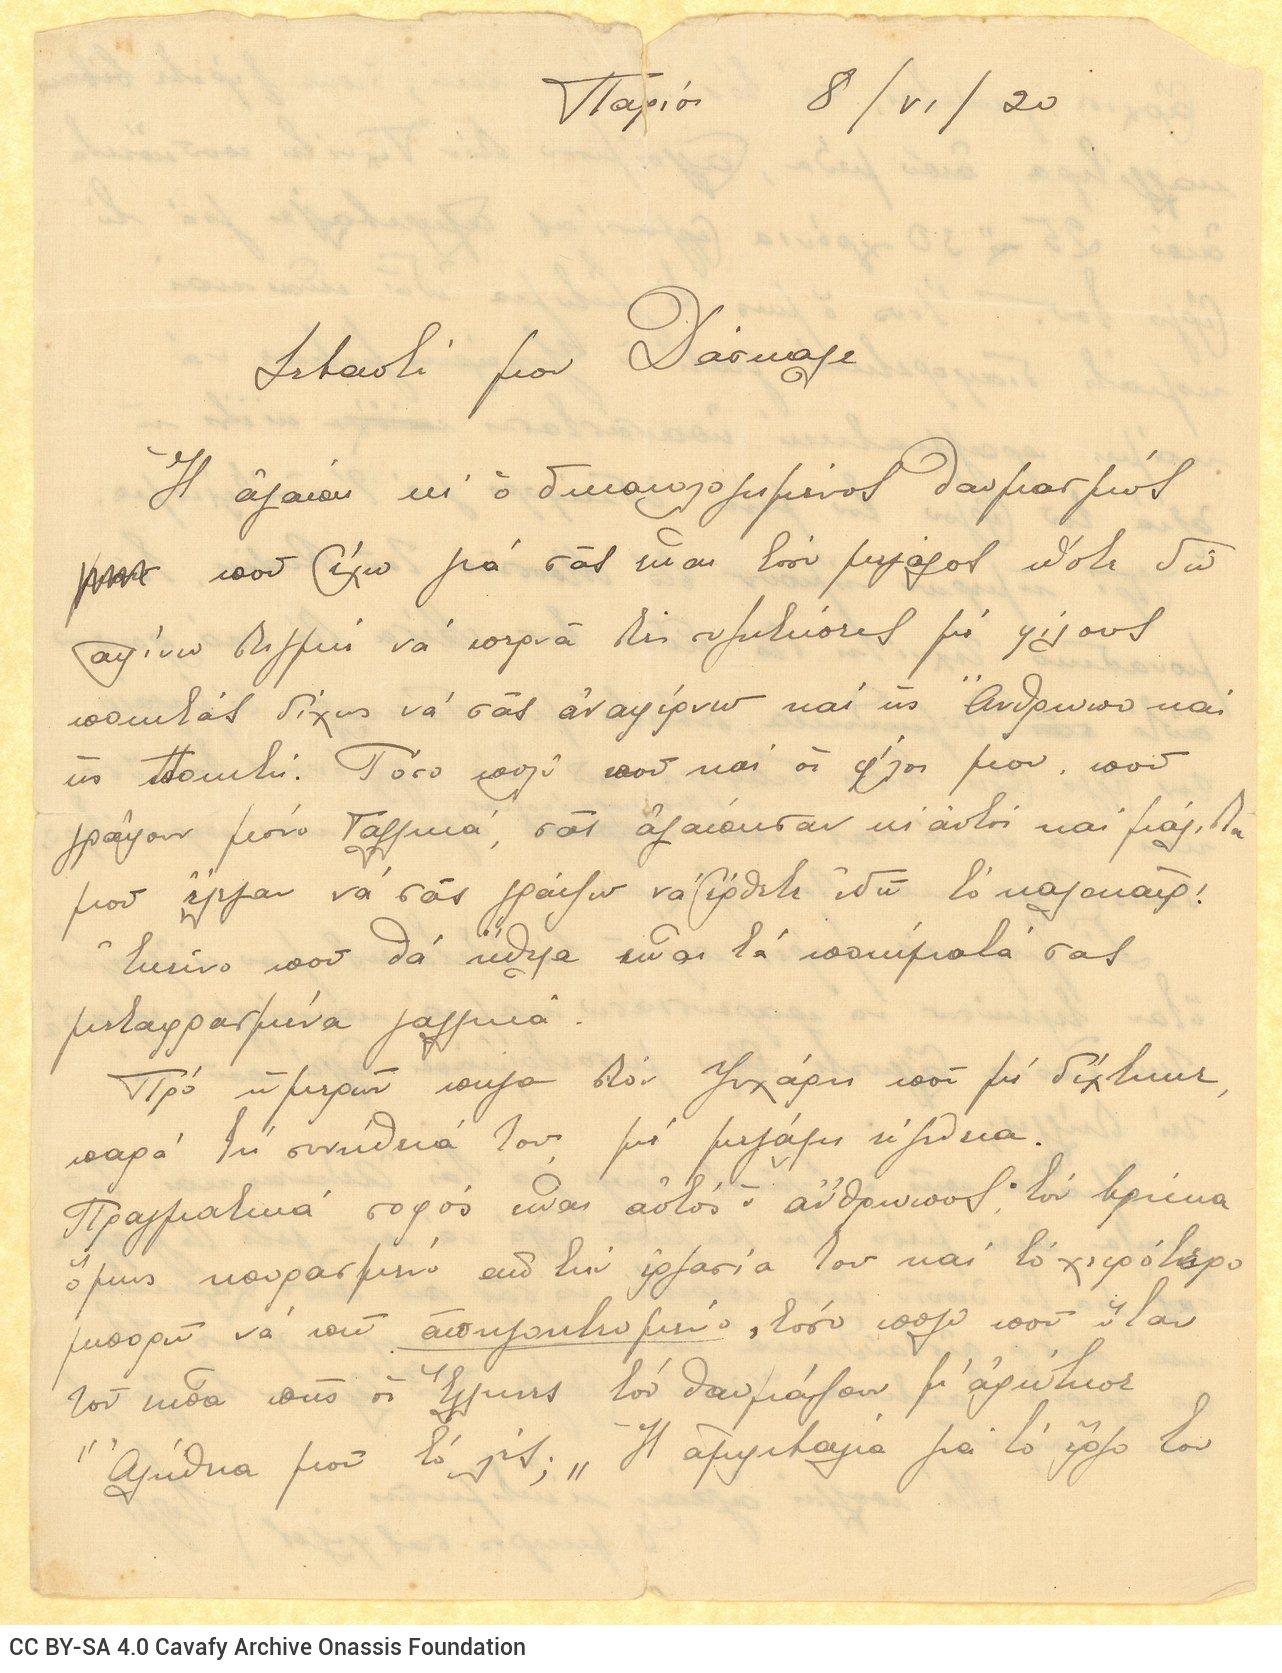 Χειρόγραφη επιστολή προς τον Καβάφη. Εκφράζεται θαυμασμός για το έρ�